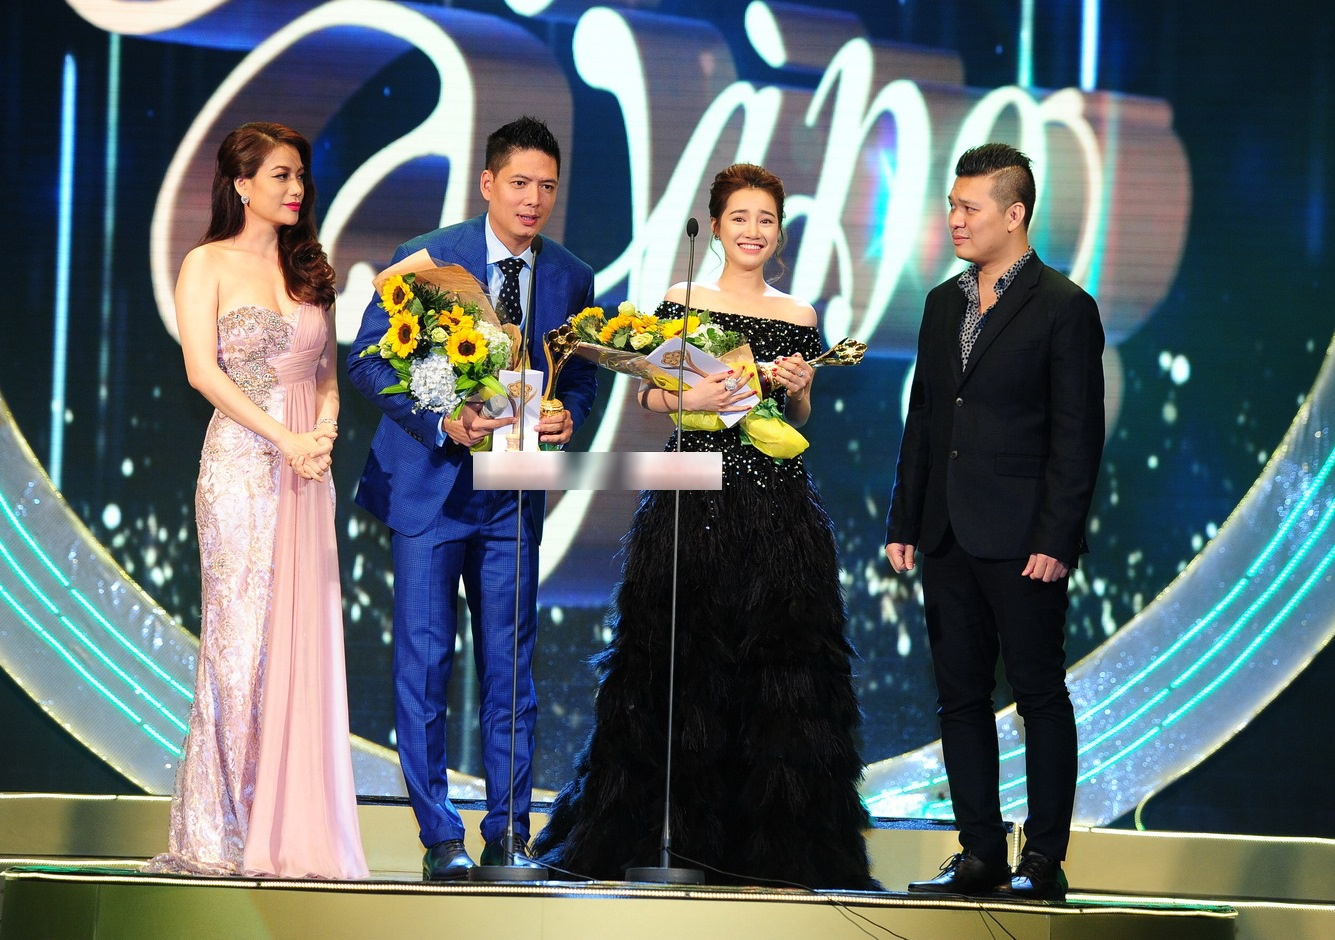 Diễn viên - MC Bình Minh cũng ẵm luôn giải Nam diễn viên điện ảnh - truyền hình được yêu thích nhất với vai diễn Lý Bỉnh Long trong phim Thề không gục ngã. Nam diễn viên gửi lời cảm ơn đến nhiều người, đặc biệt là hậu phương vững chắc của mình.